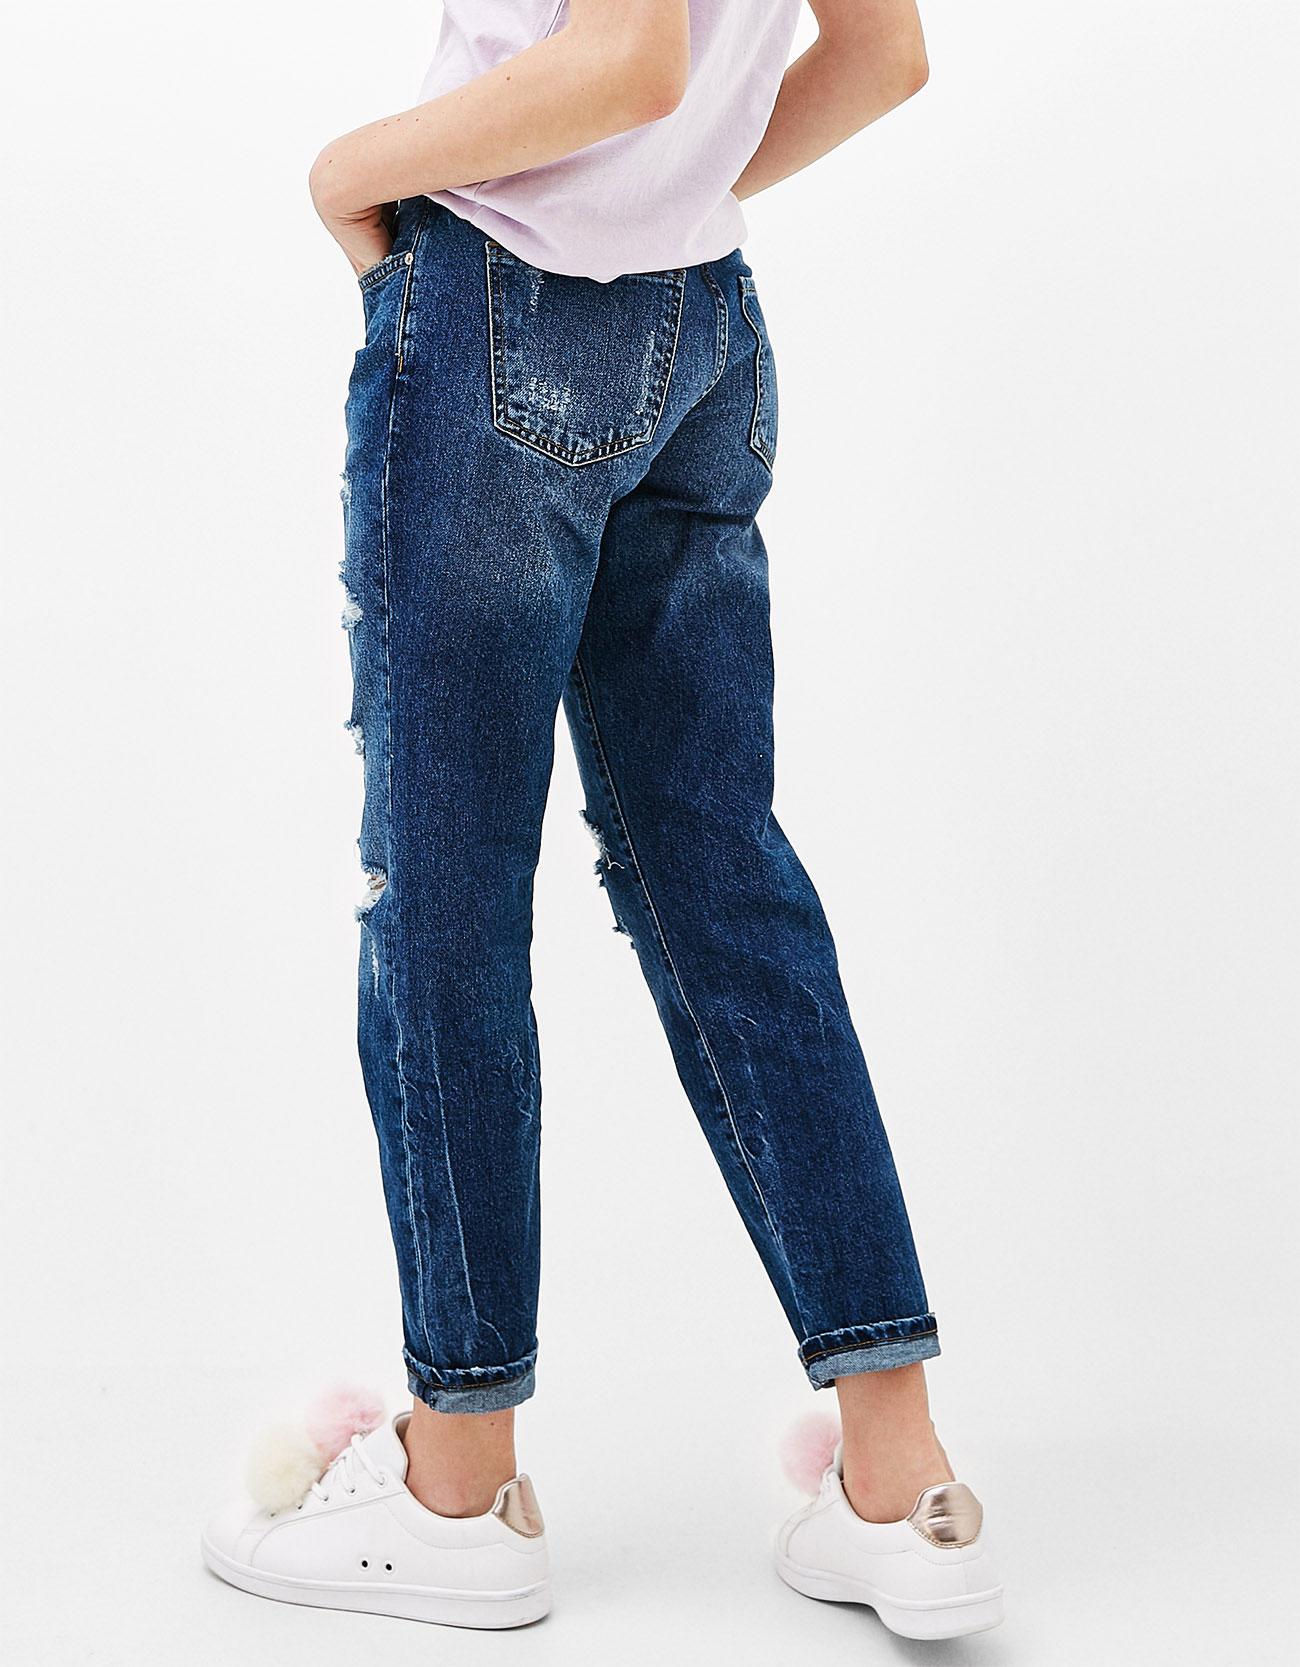 Slim Boyfriend jeans with rips - Jeans - Bershka Malaysia